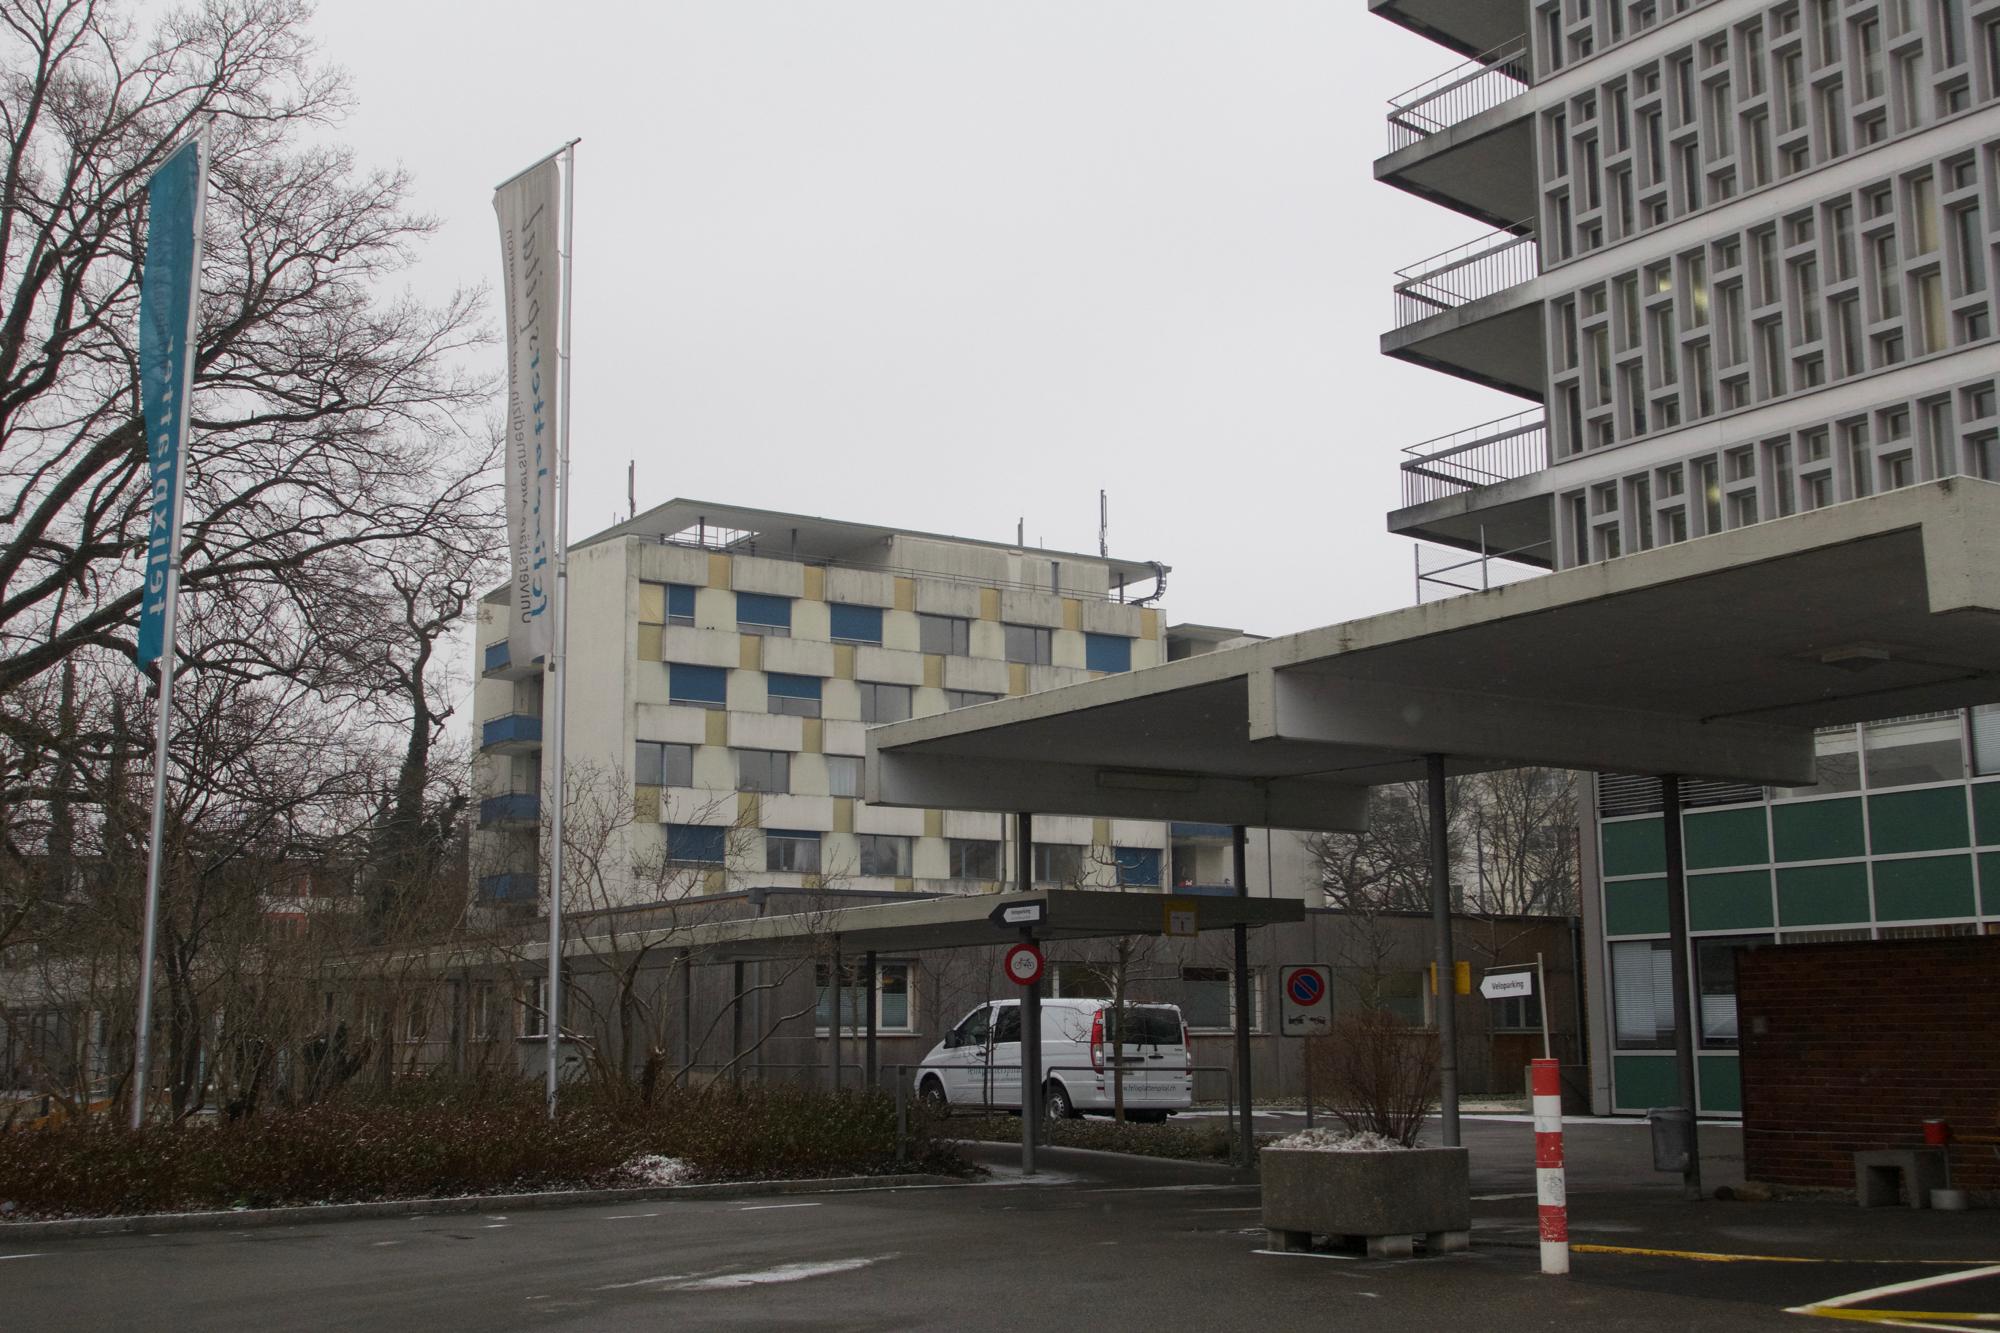 Die ehemaligen, nicht geschützten Schwesternhäusern (im Hintergrund) sollen vorerst stehenbleiben und unter anderem als Wohnraum für Studierende gfenutzt werden.